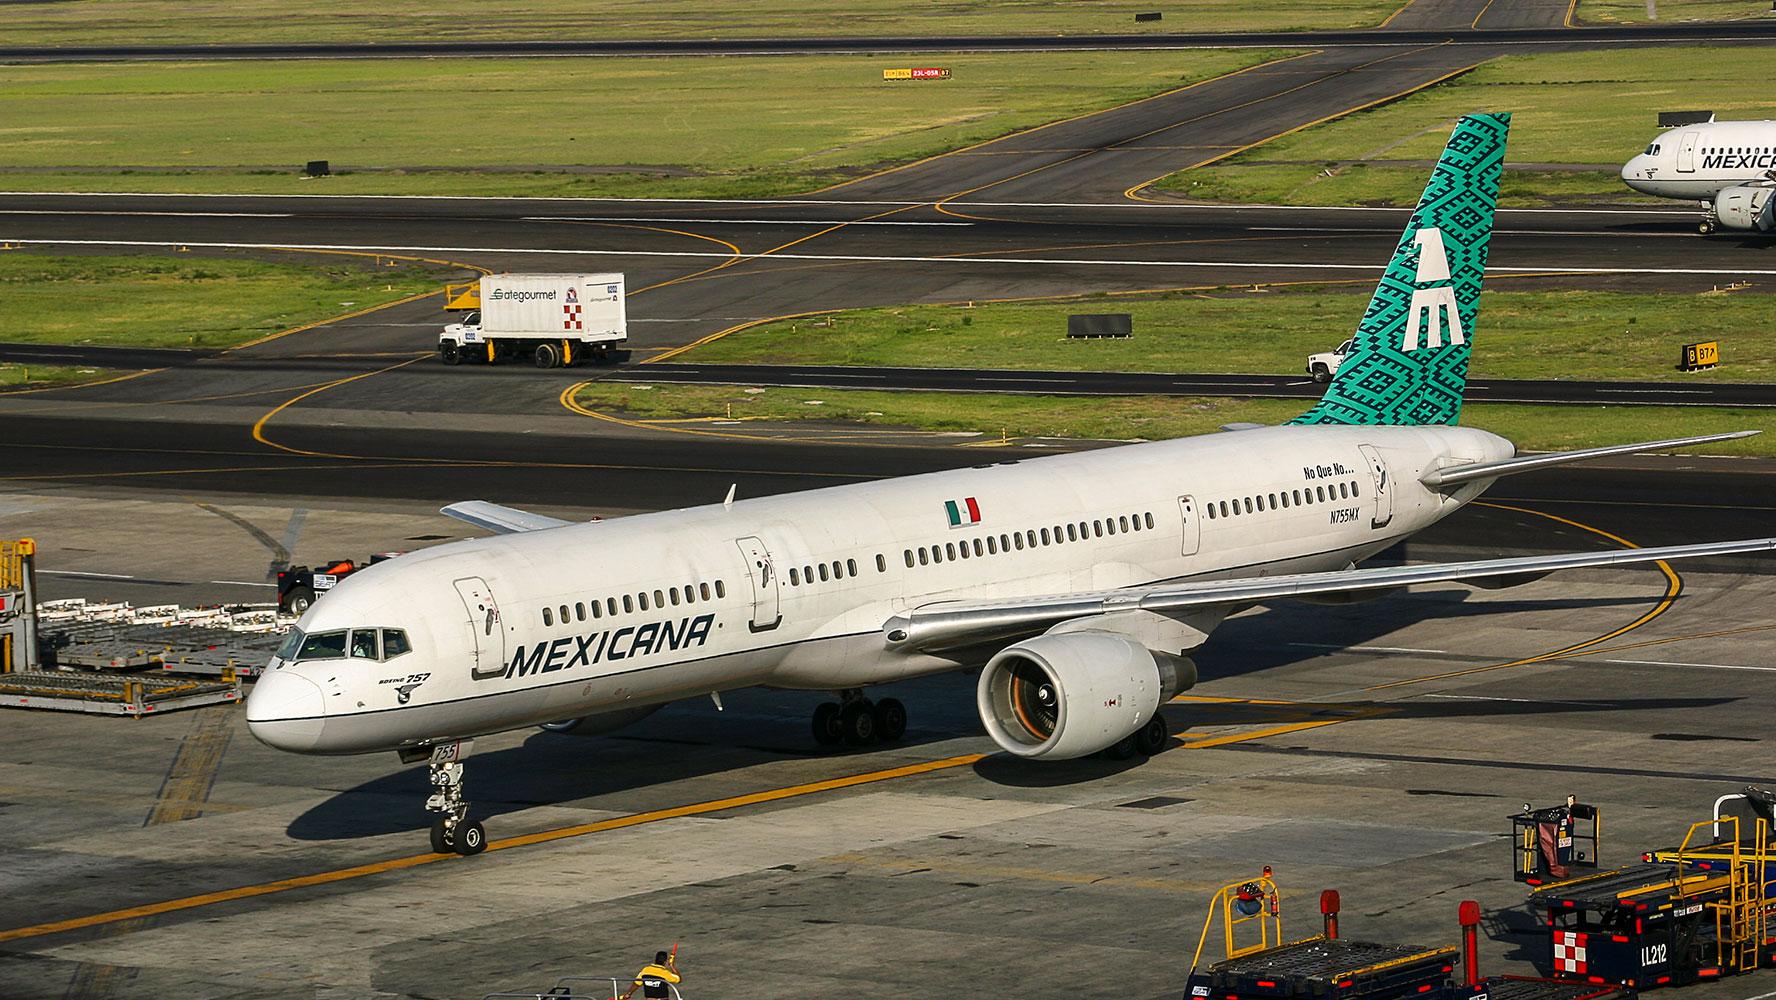 Extrabajadores de Mexicana, Gobierno los busca para crear nueva aerolínea en México